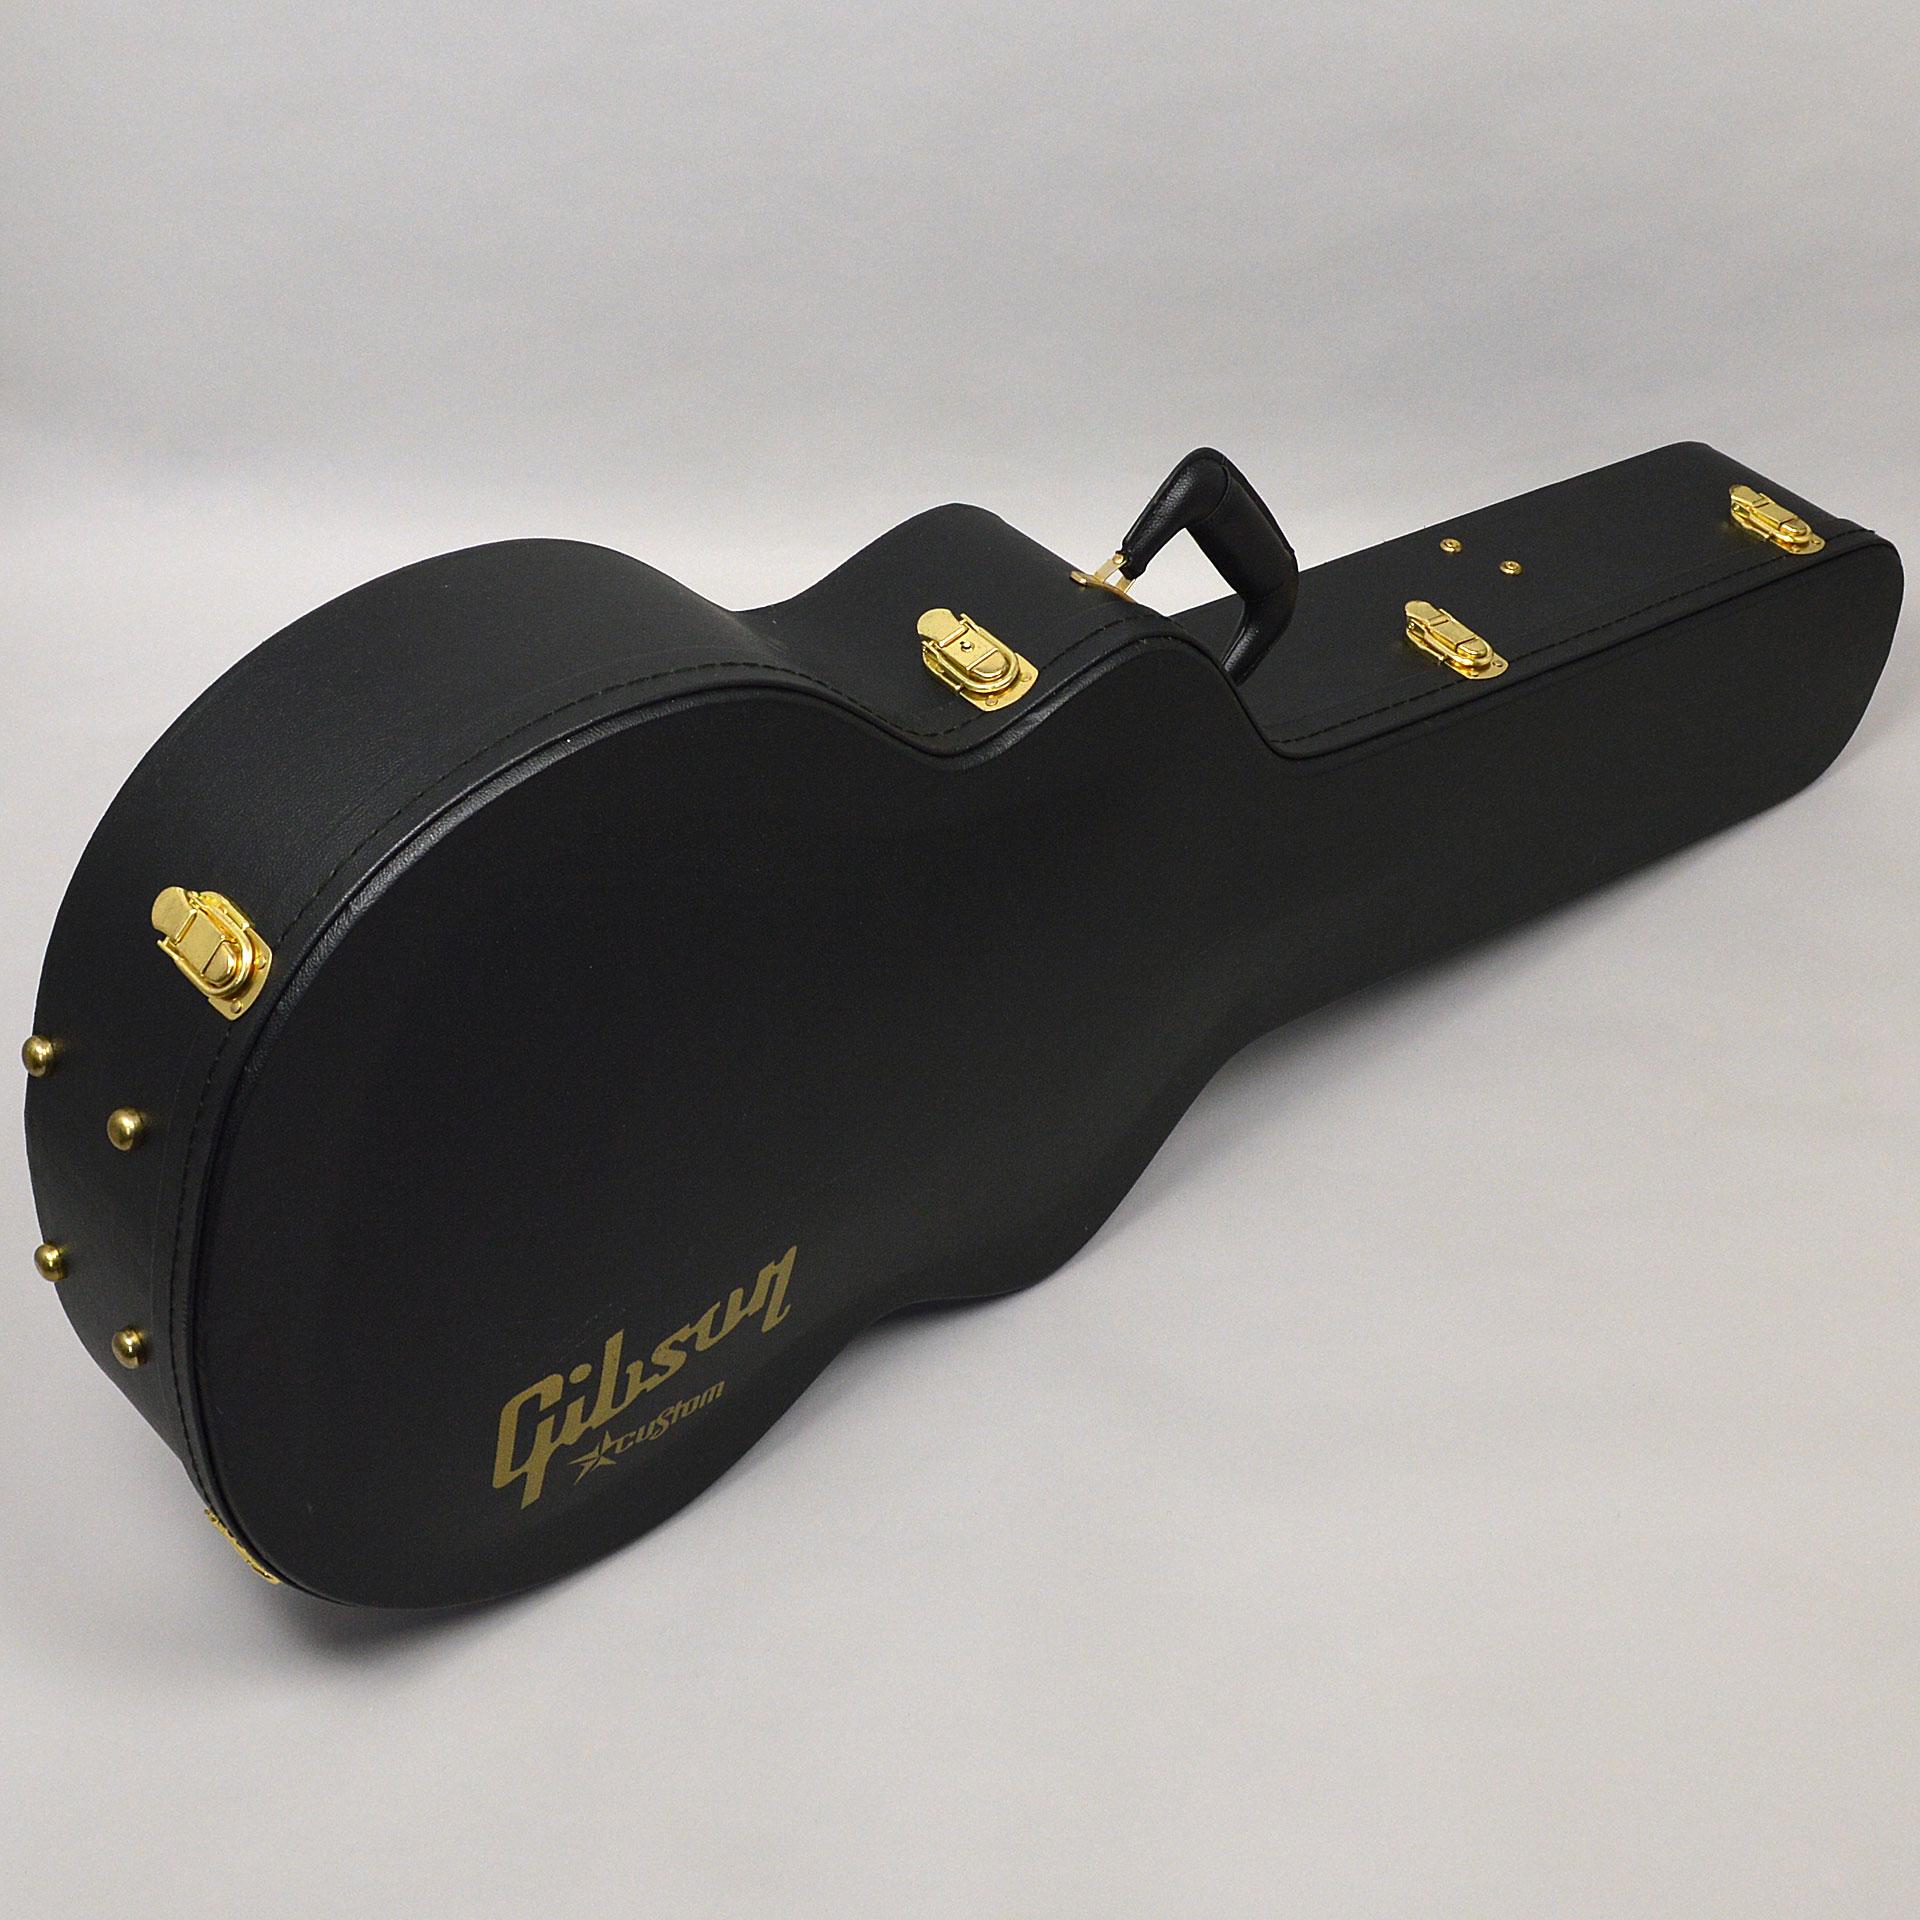 【中古】Gibson Custom Wes Montgomery Ebonyのケース・その他画像